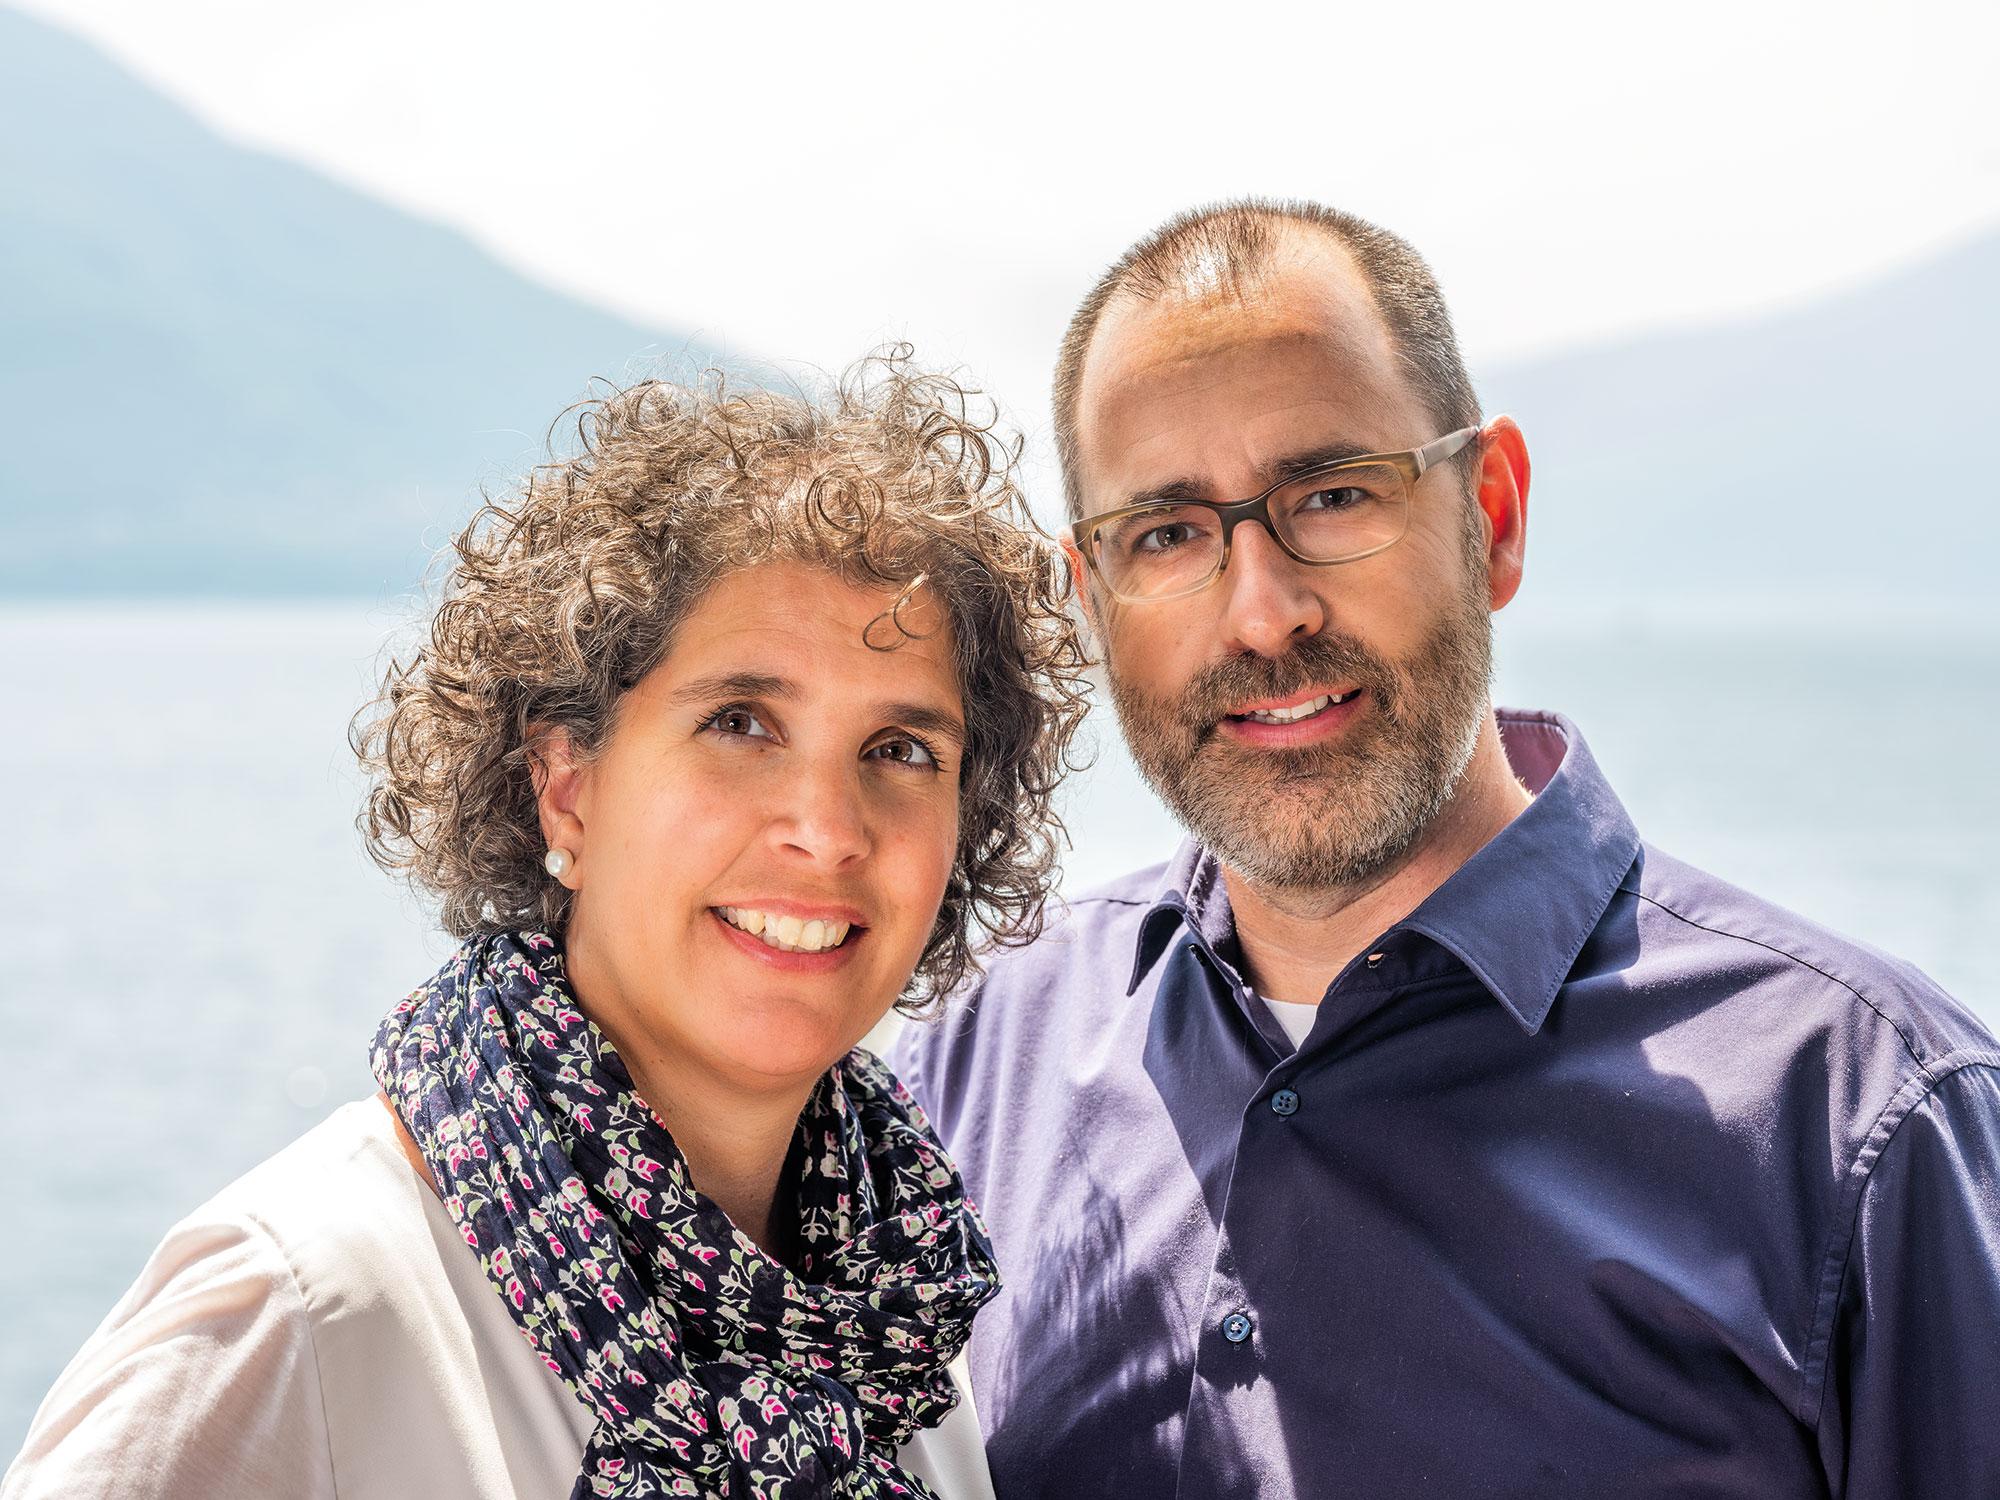 Rebekka und Michel Bieri-Witzig führen die beiden Kurs- und Ferienzentren seit 2012.